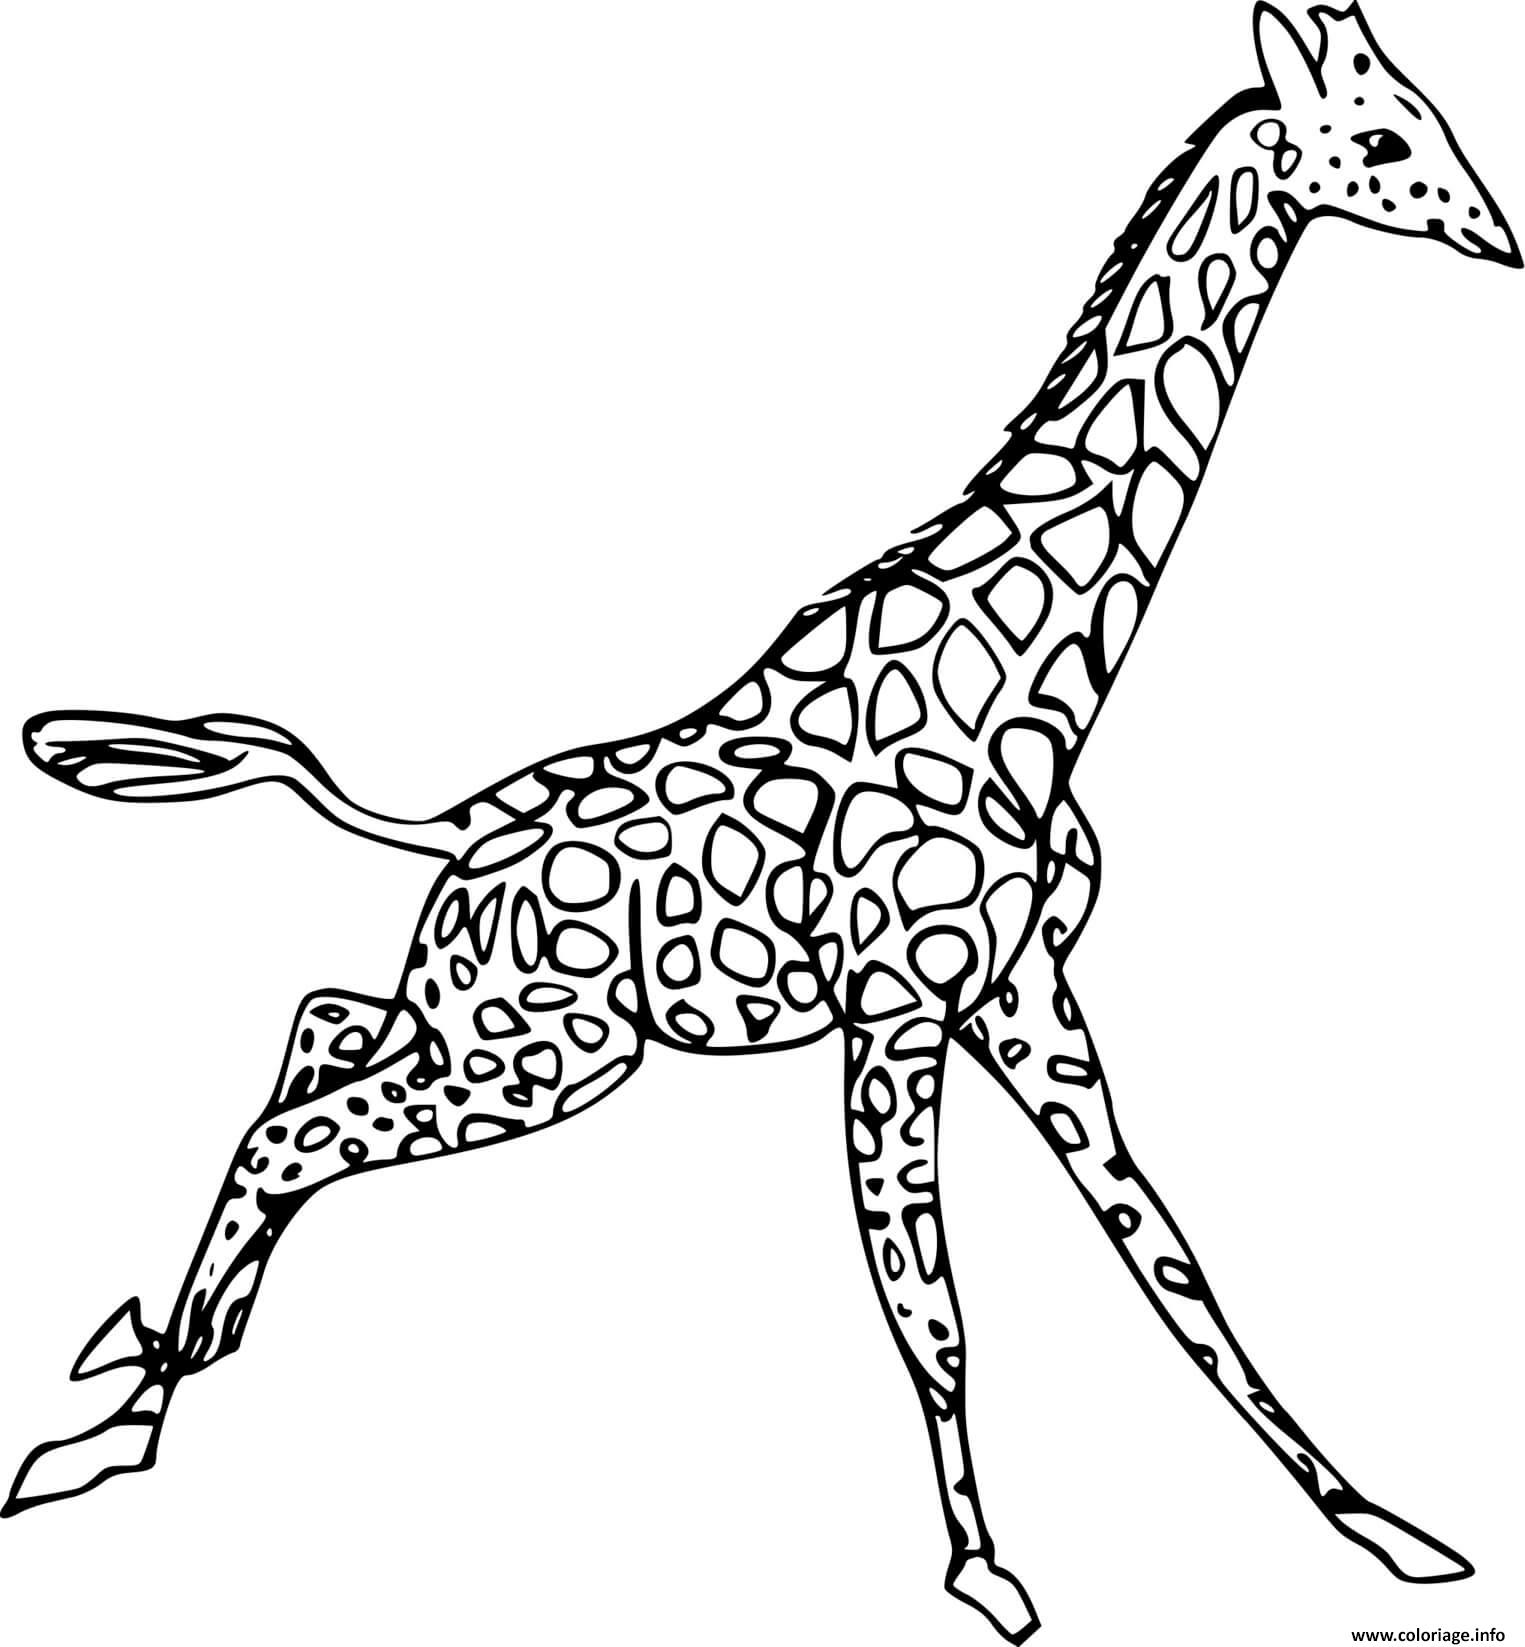 Coloriage Girafe Qui Court Dessin Girafe à imprimer